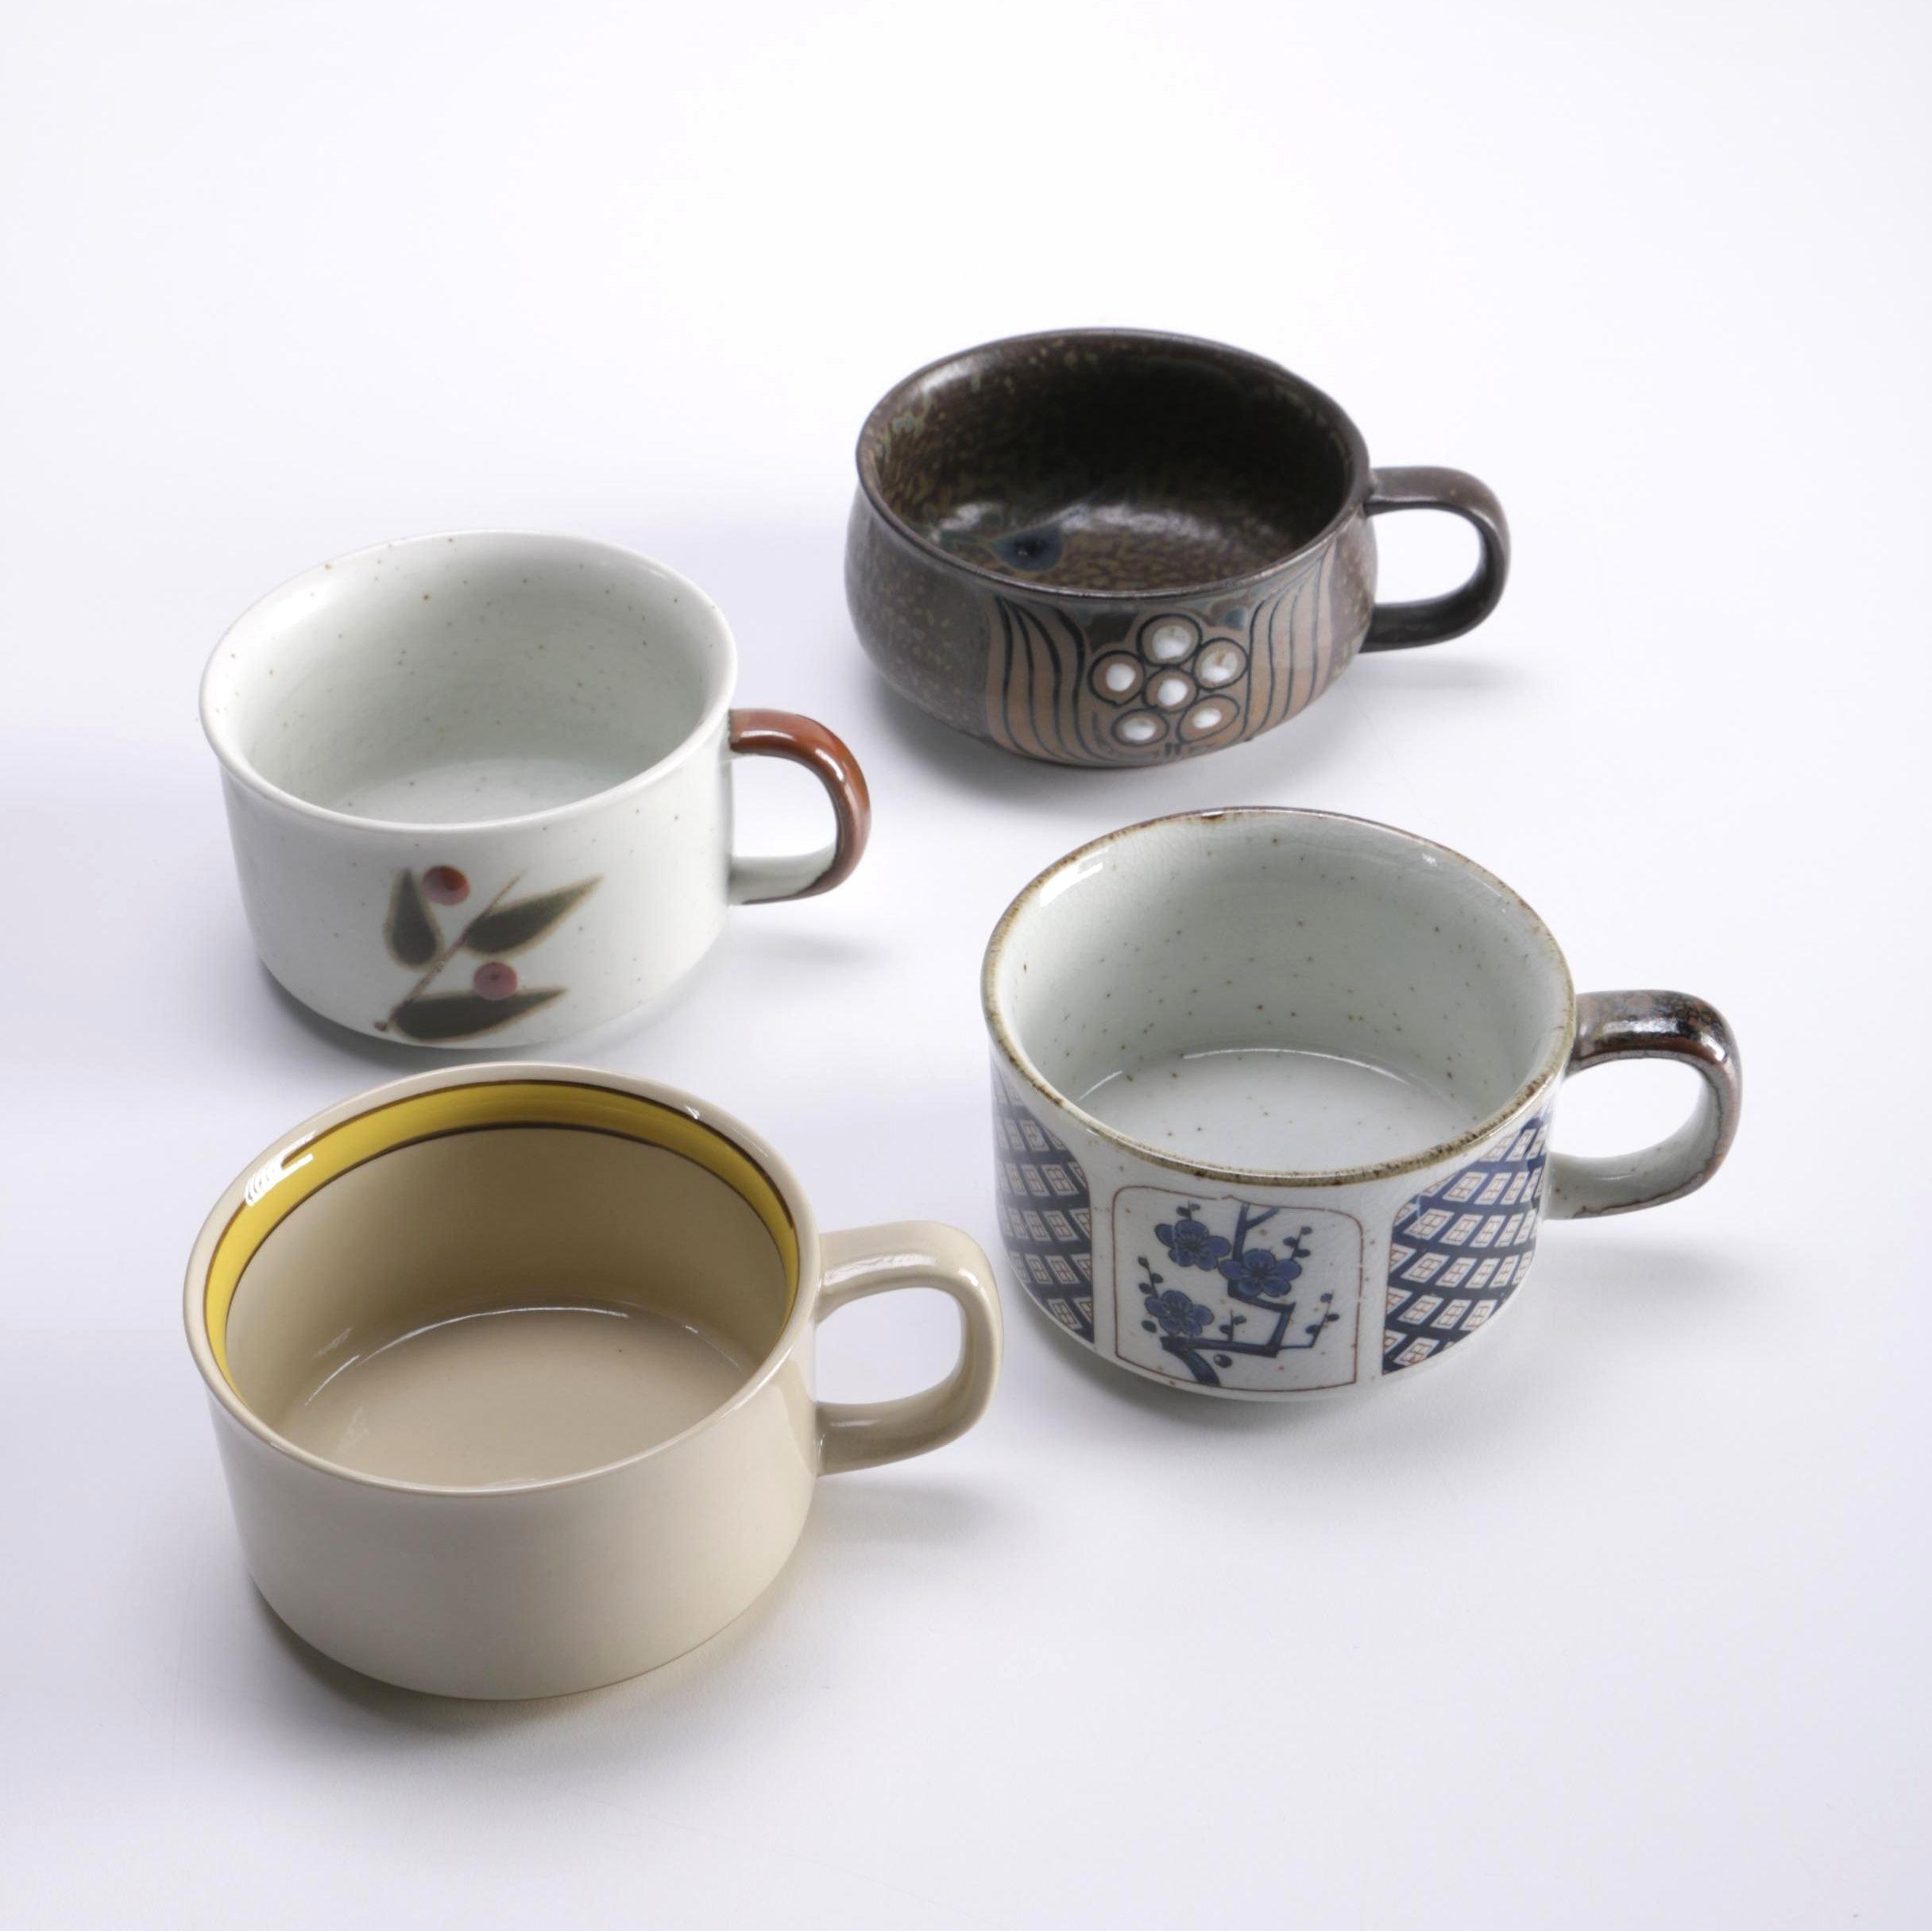 Studio Pottery Chowder Mugs